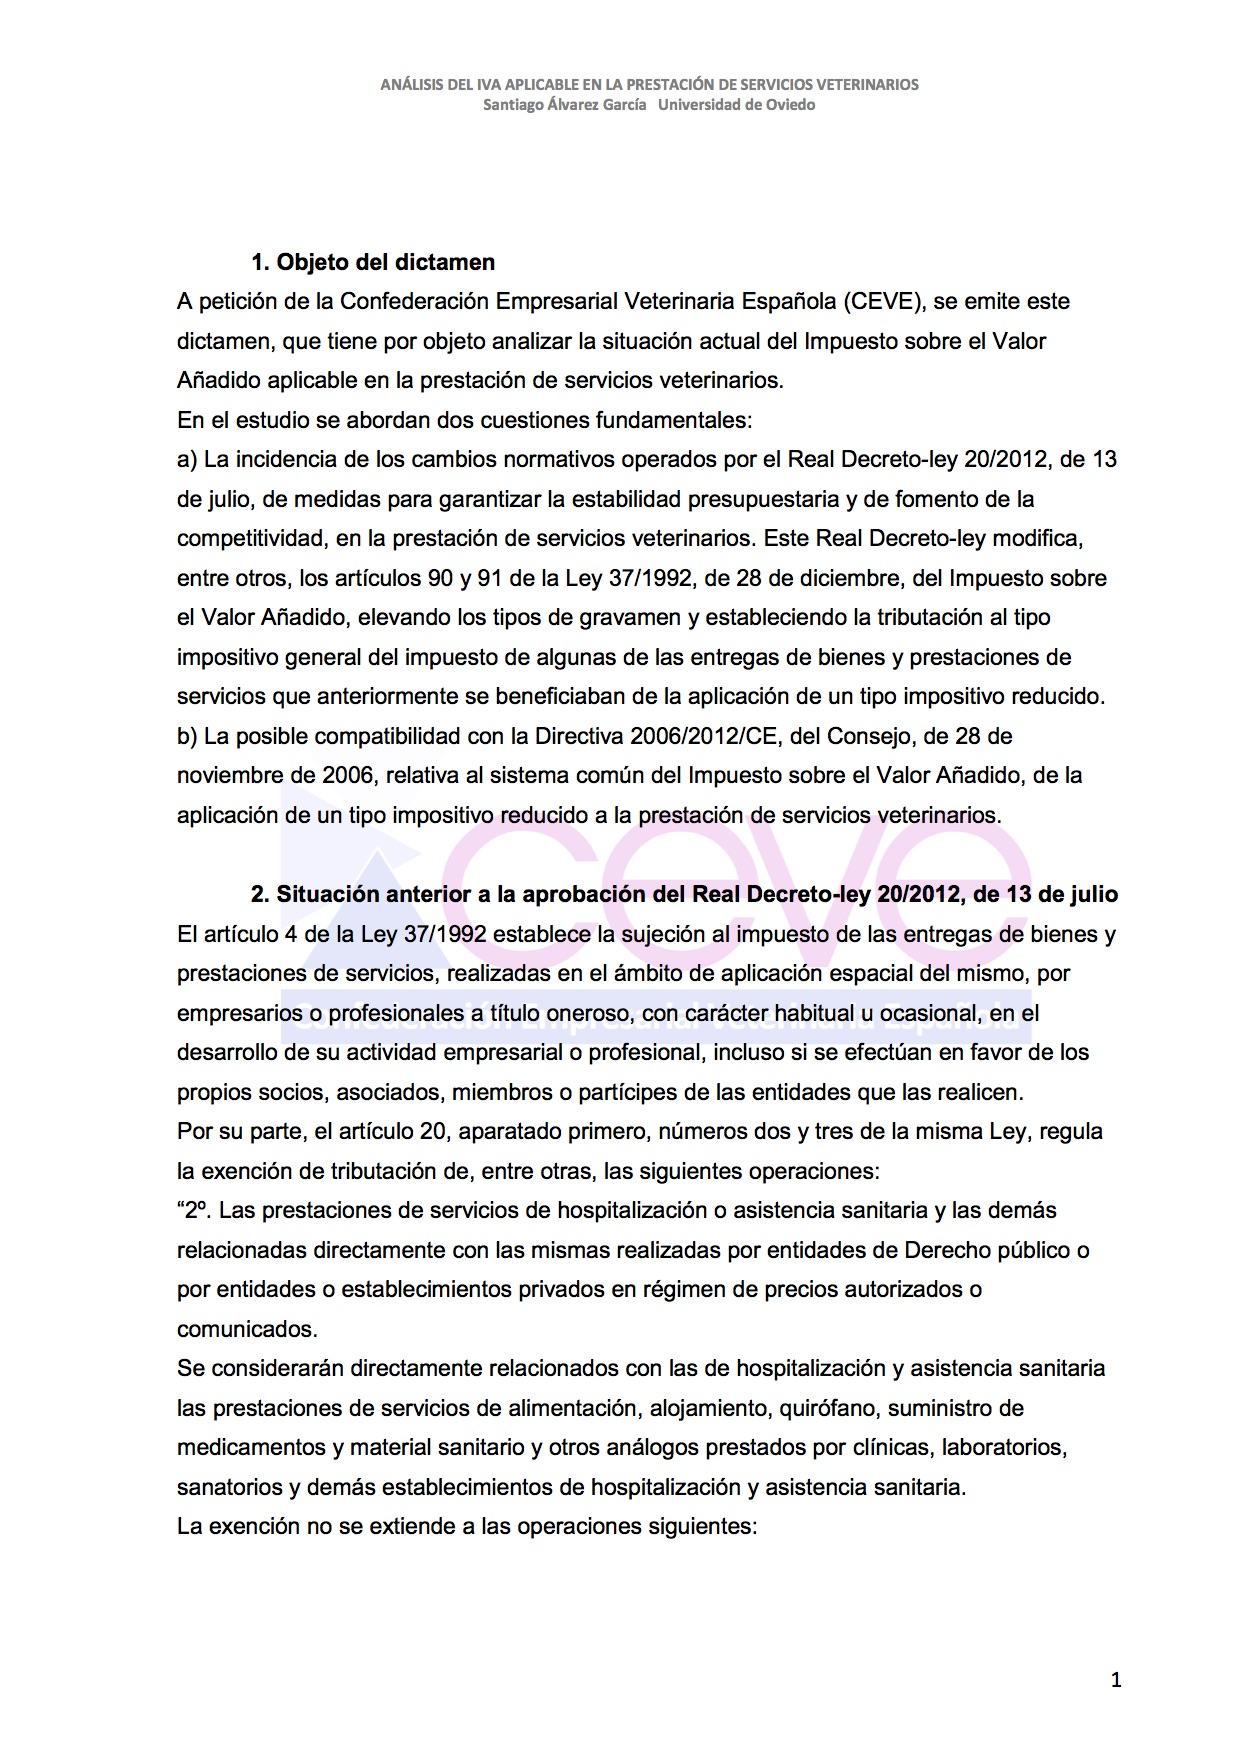 INFOME JURIDICO SOBRE EL IVA2 VETERINARIO DESBLOQUEADO